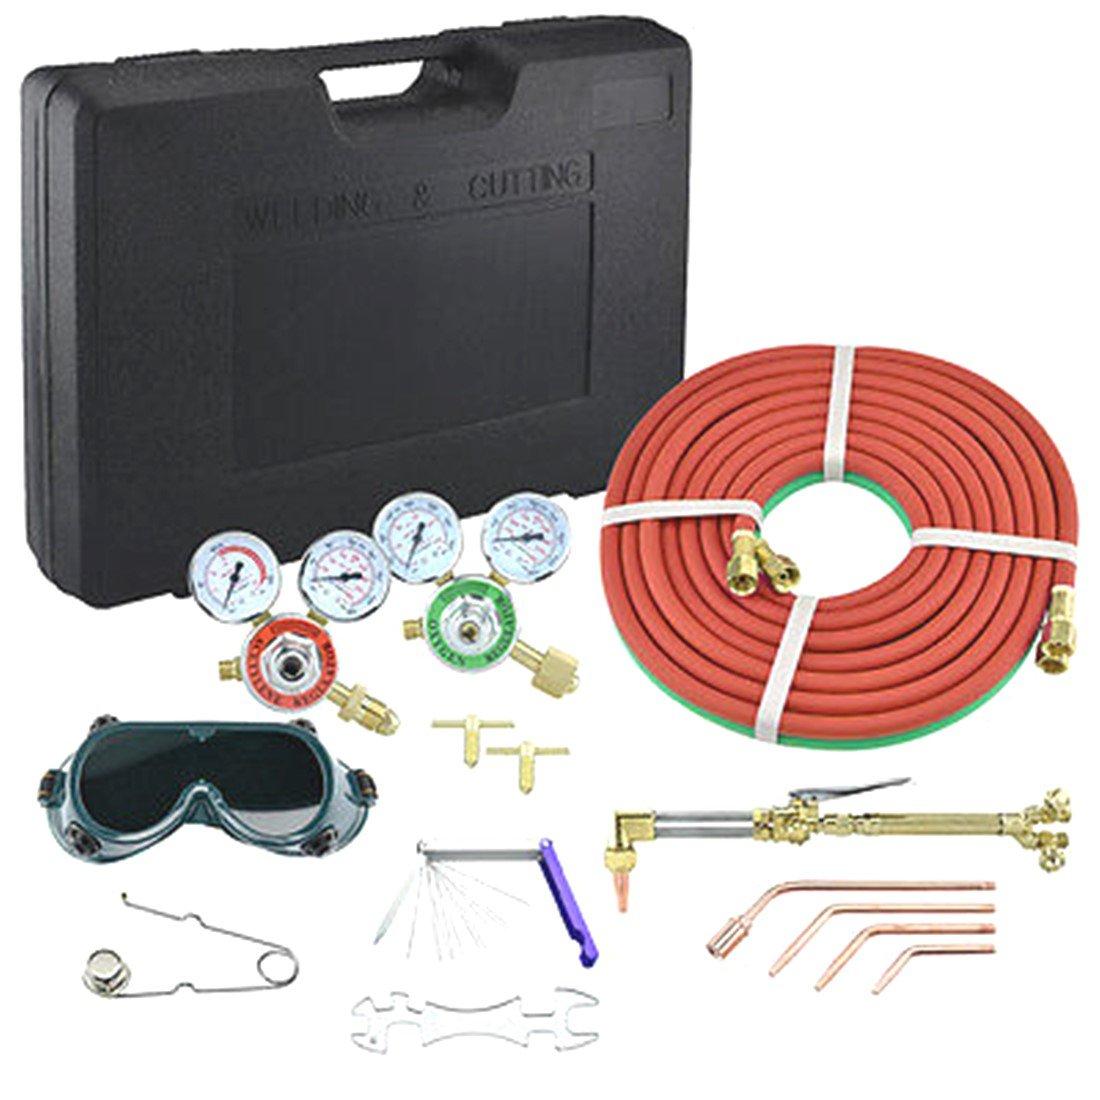 Antorcha de Gas Soldadura y corte acetileno oxígeno portátil Kit soldador conjunto regulador: Amazon.es: Bricolaje y herramientas